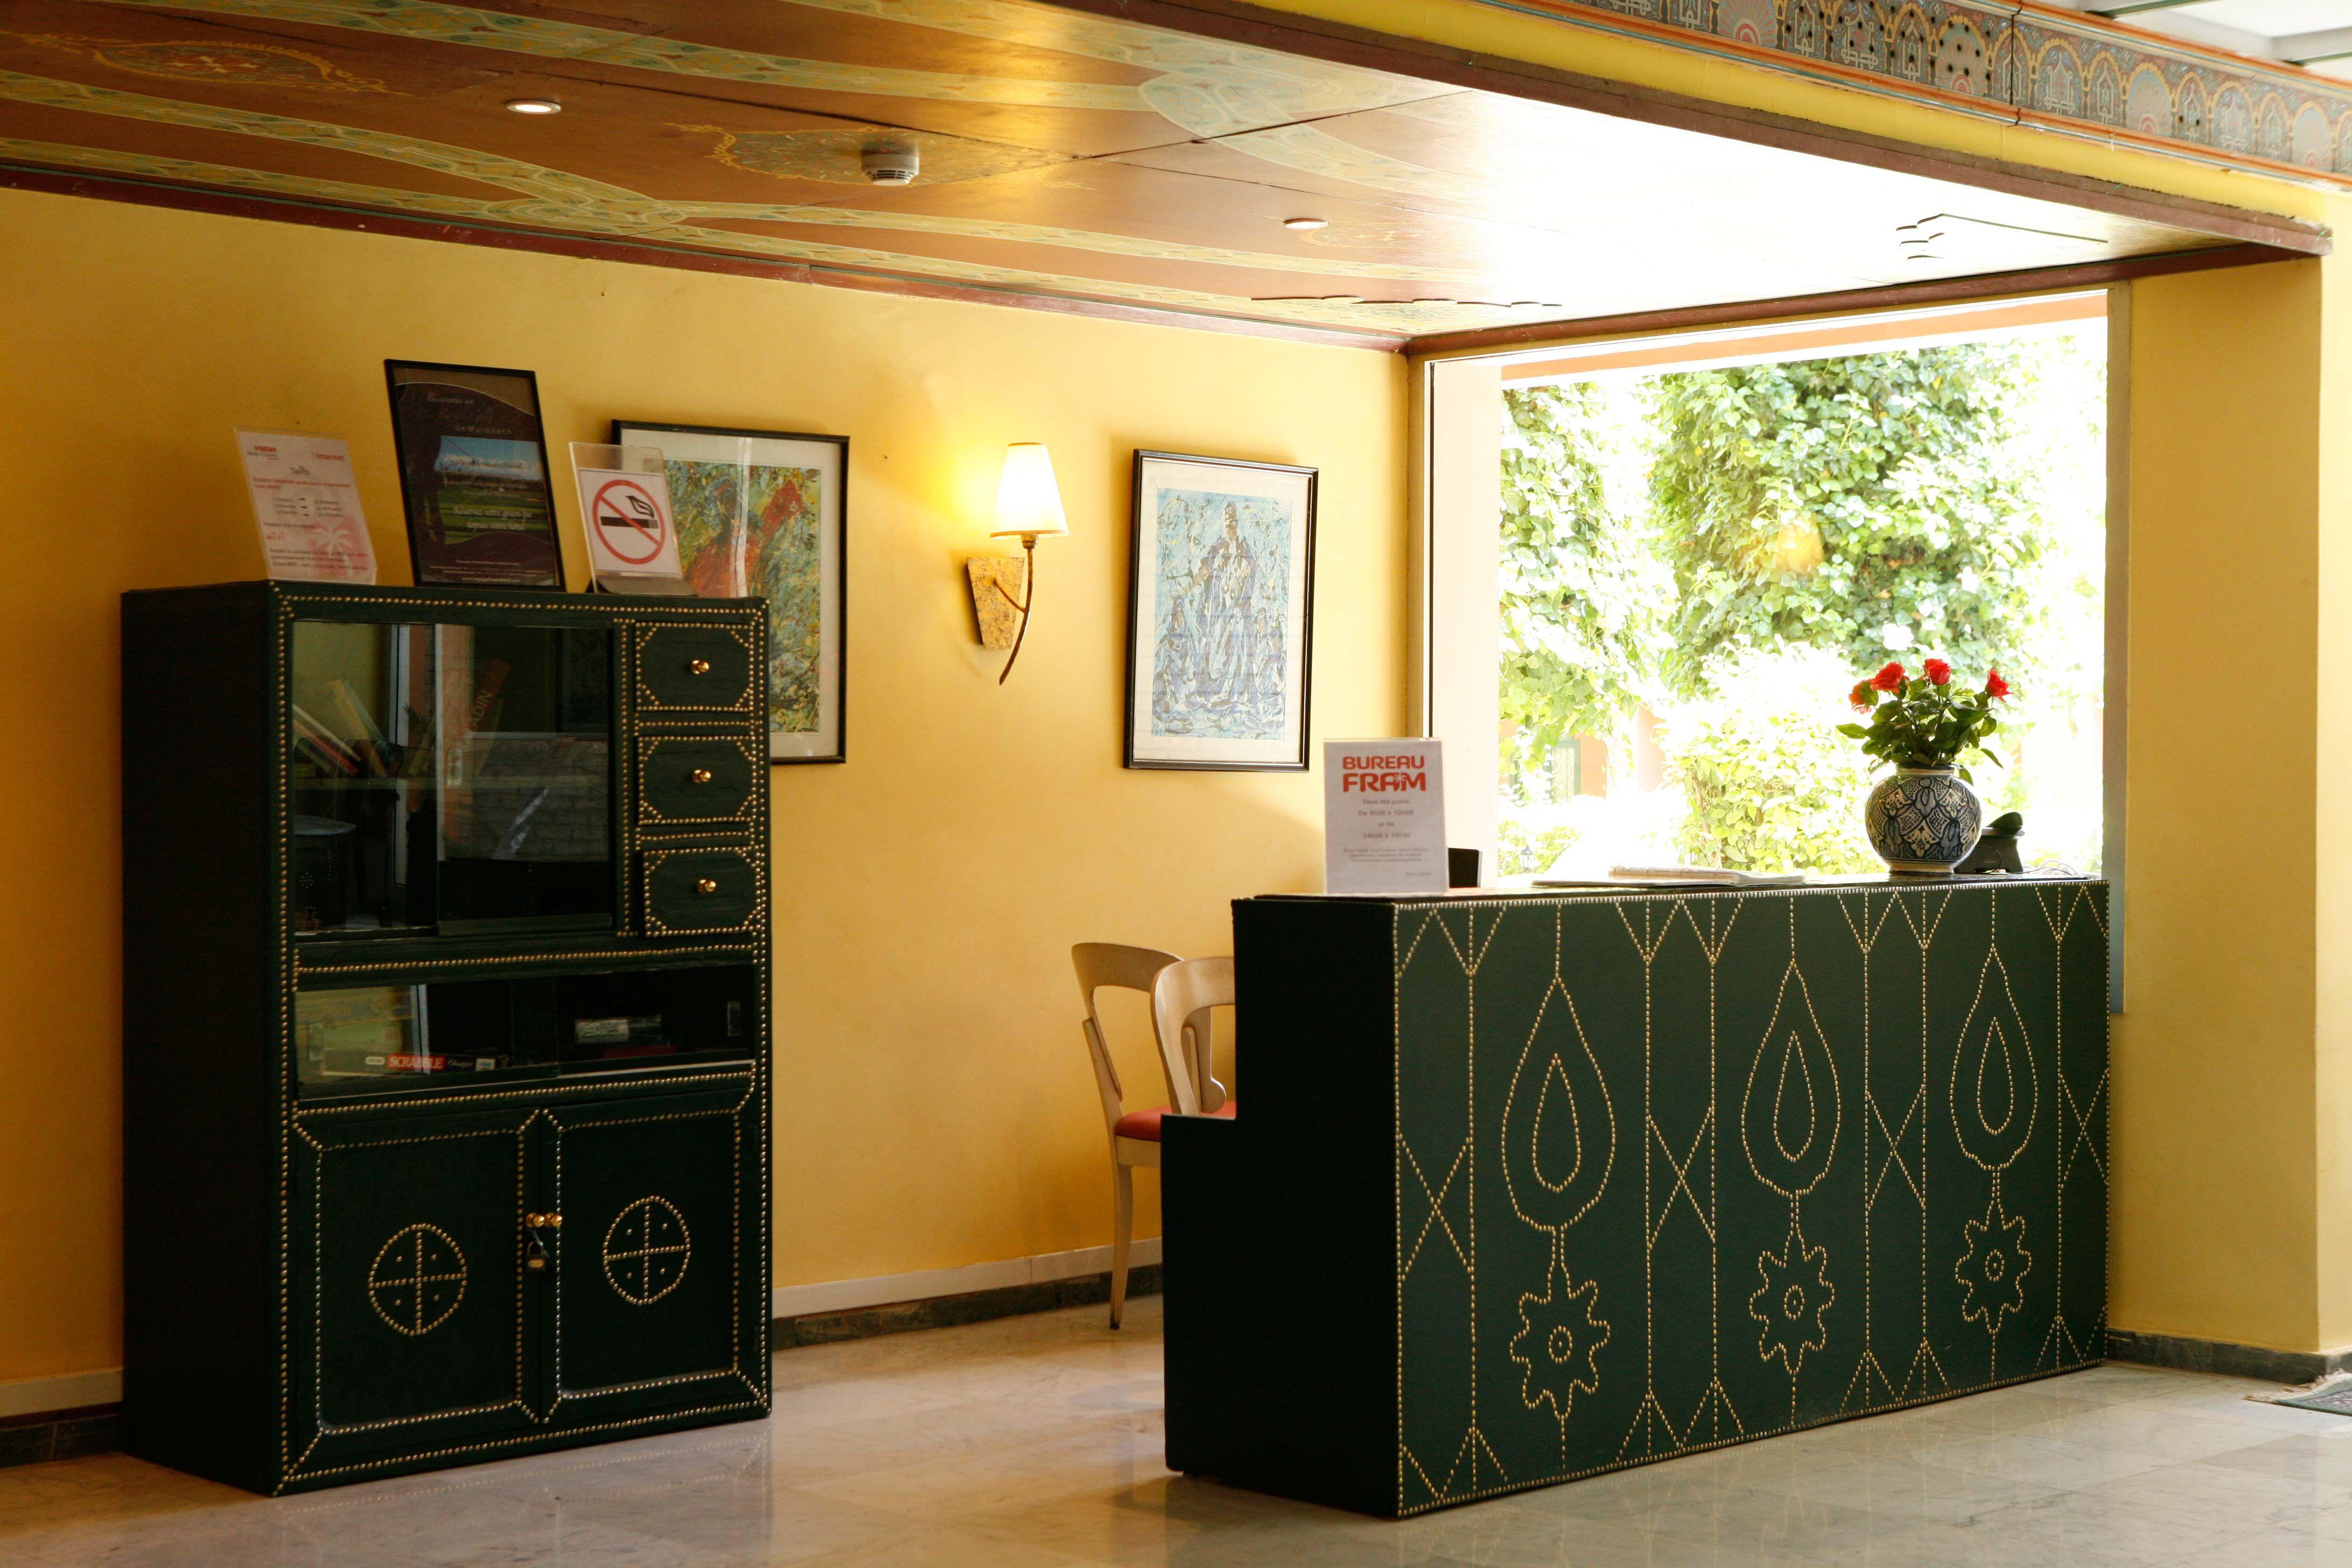 A Votre Service L Hotel Chems Met A Votre Disposition Espace De Loisirs Bureau De Change Espace Internet Et Wi Fi Restaurants B Liquor Cabinet Home Decor Decor